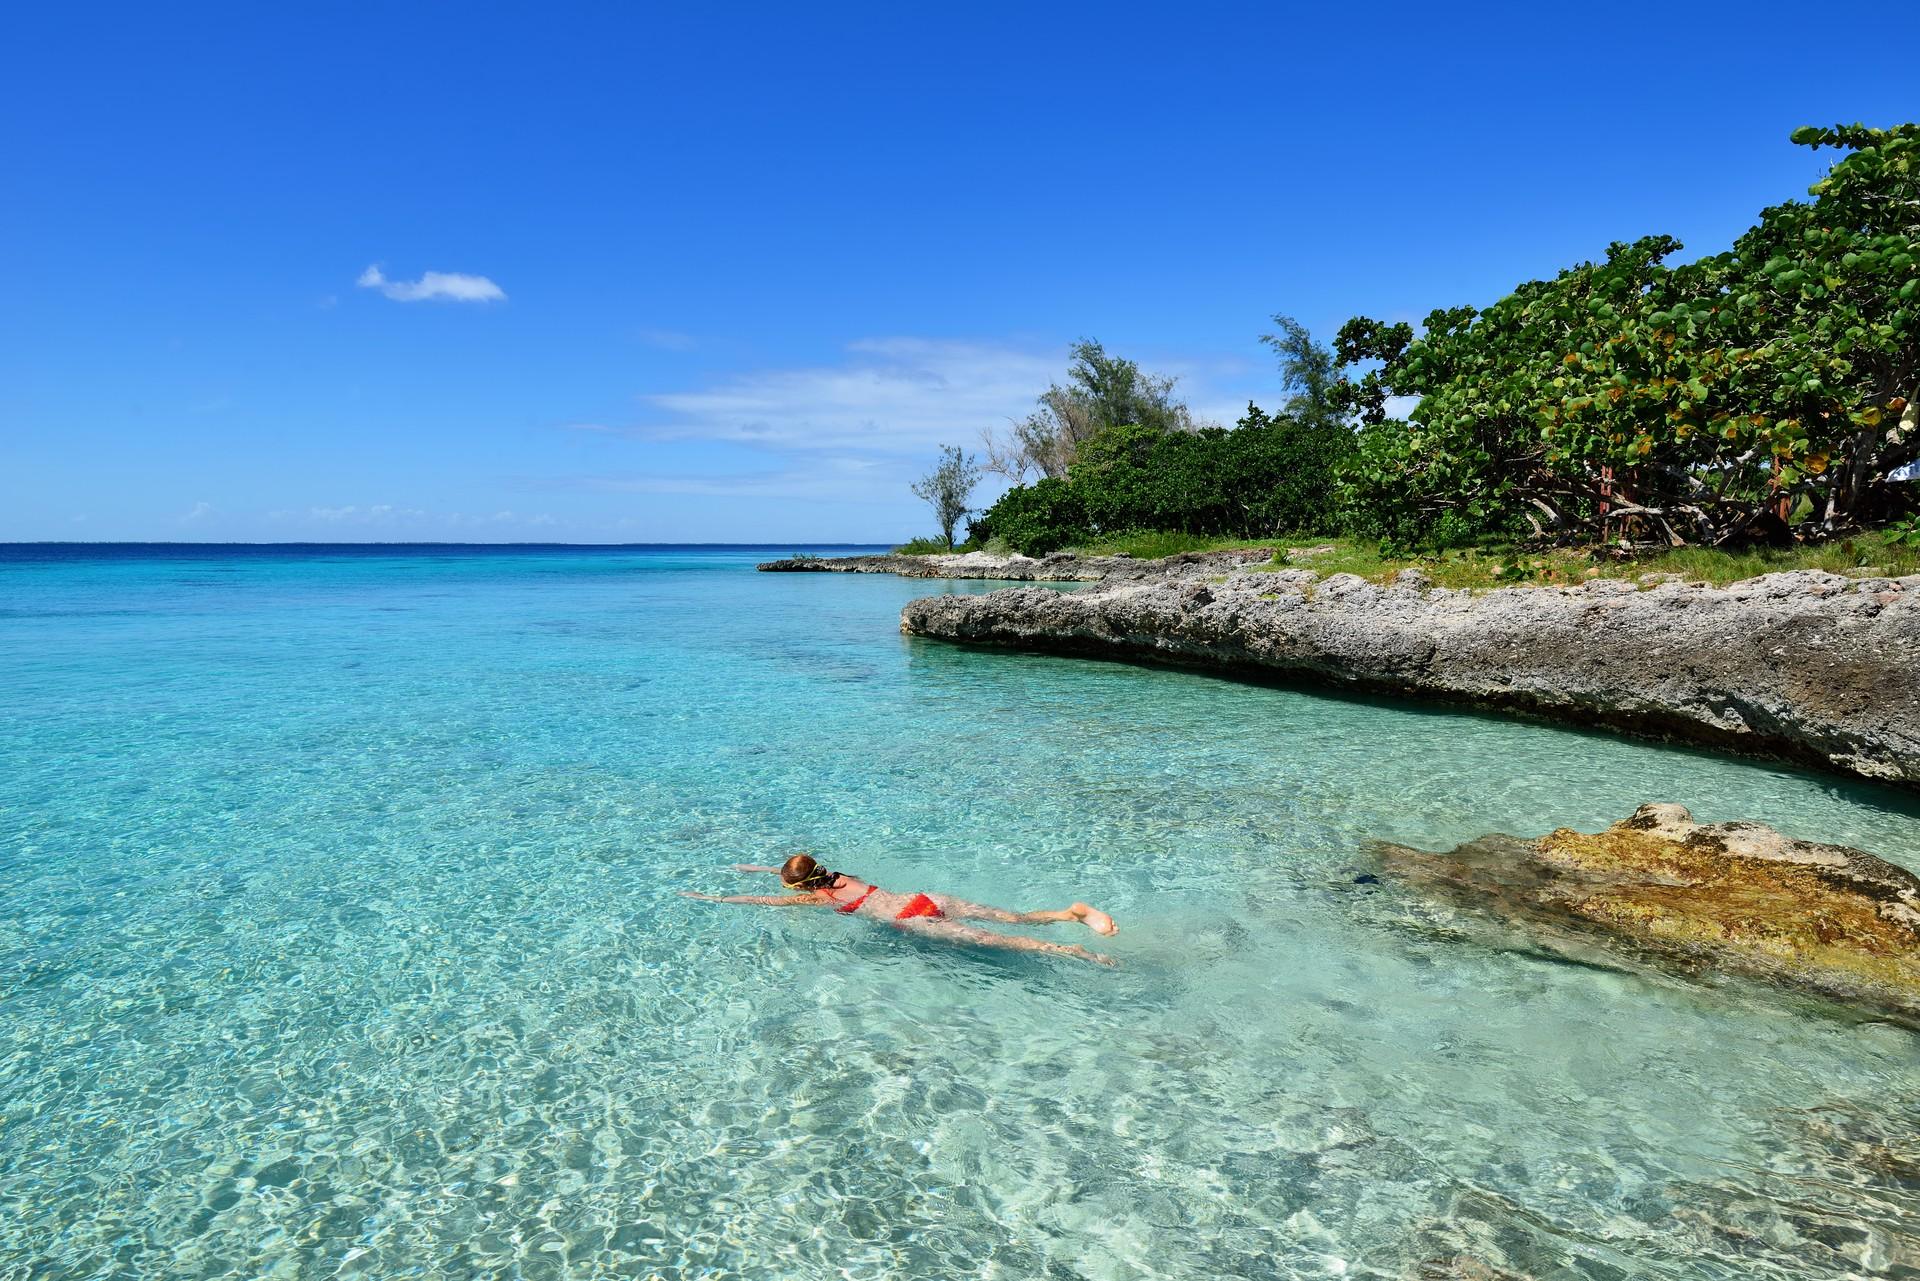 A girl snorkeling on a beach in Cuba